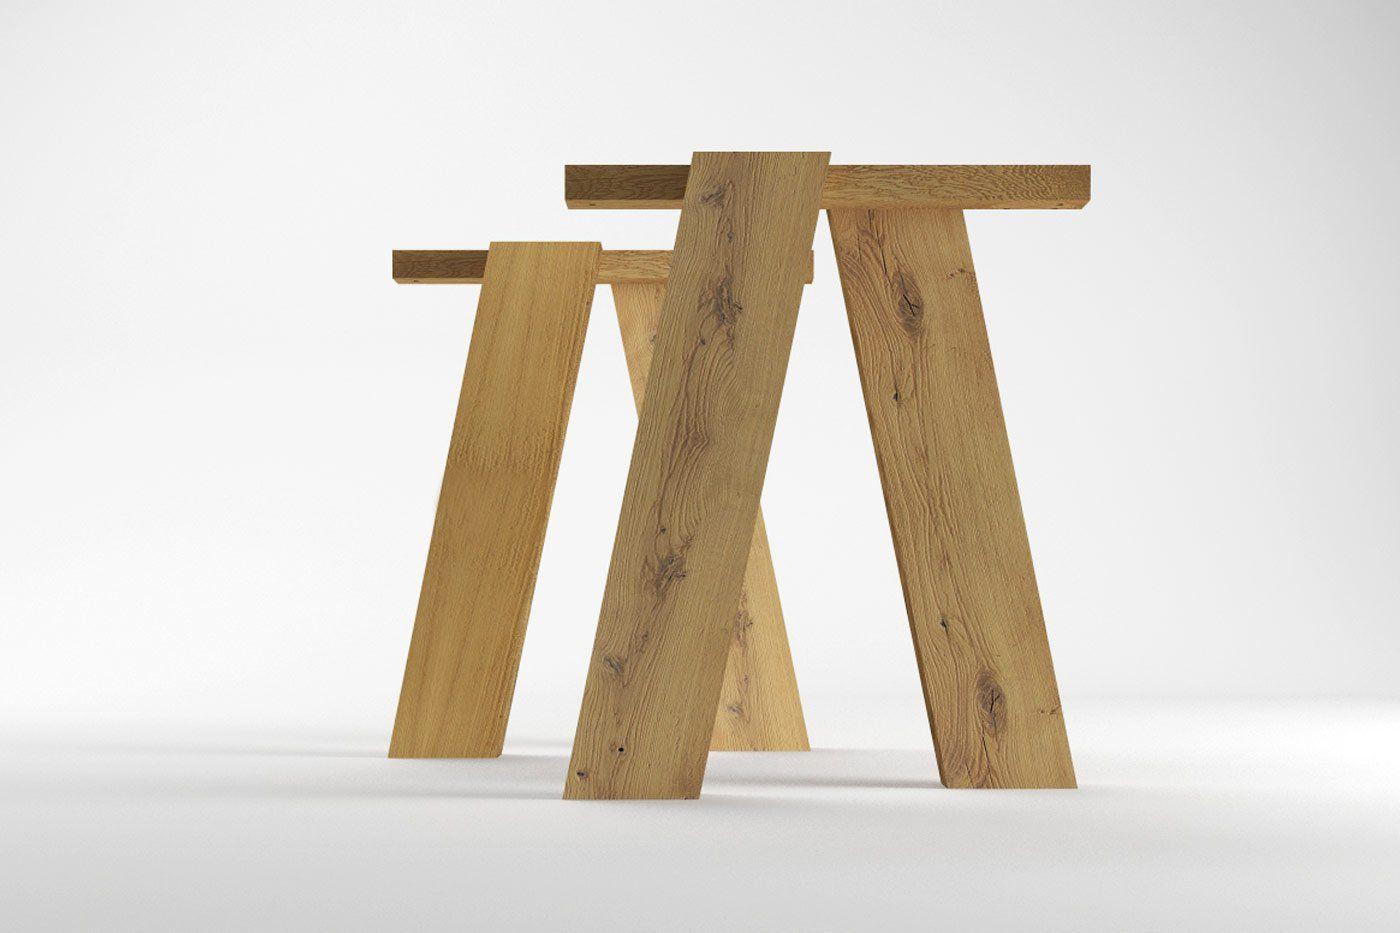 Tischfüsse bildergebnis für tischfüsse aus holz tisch searching